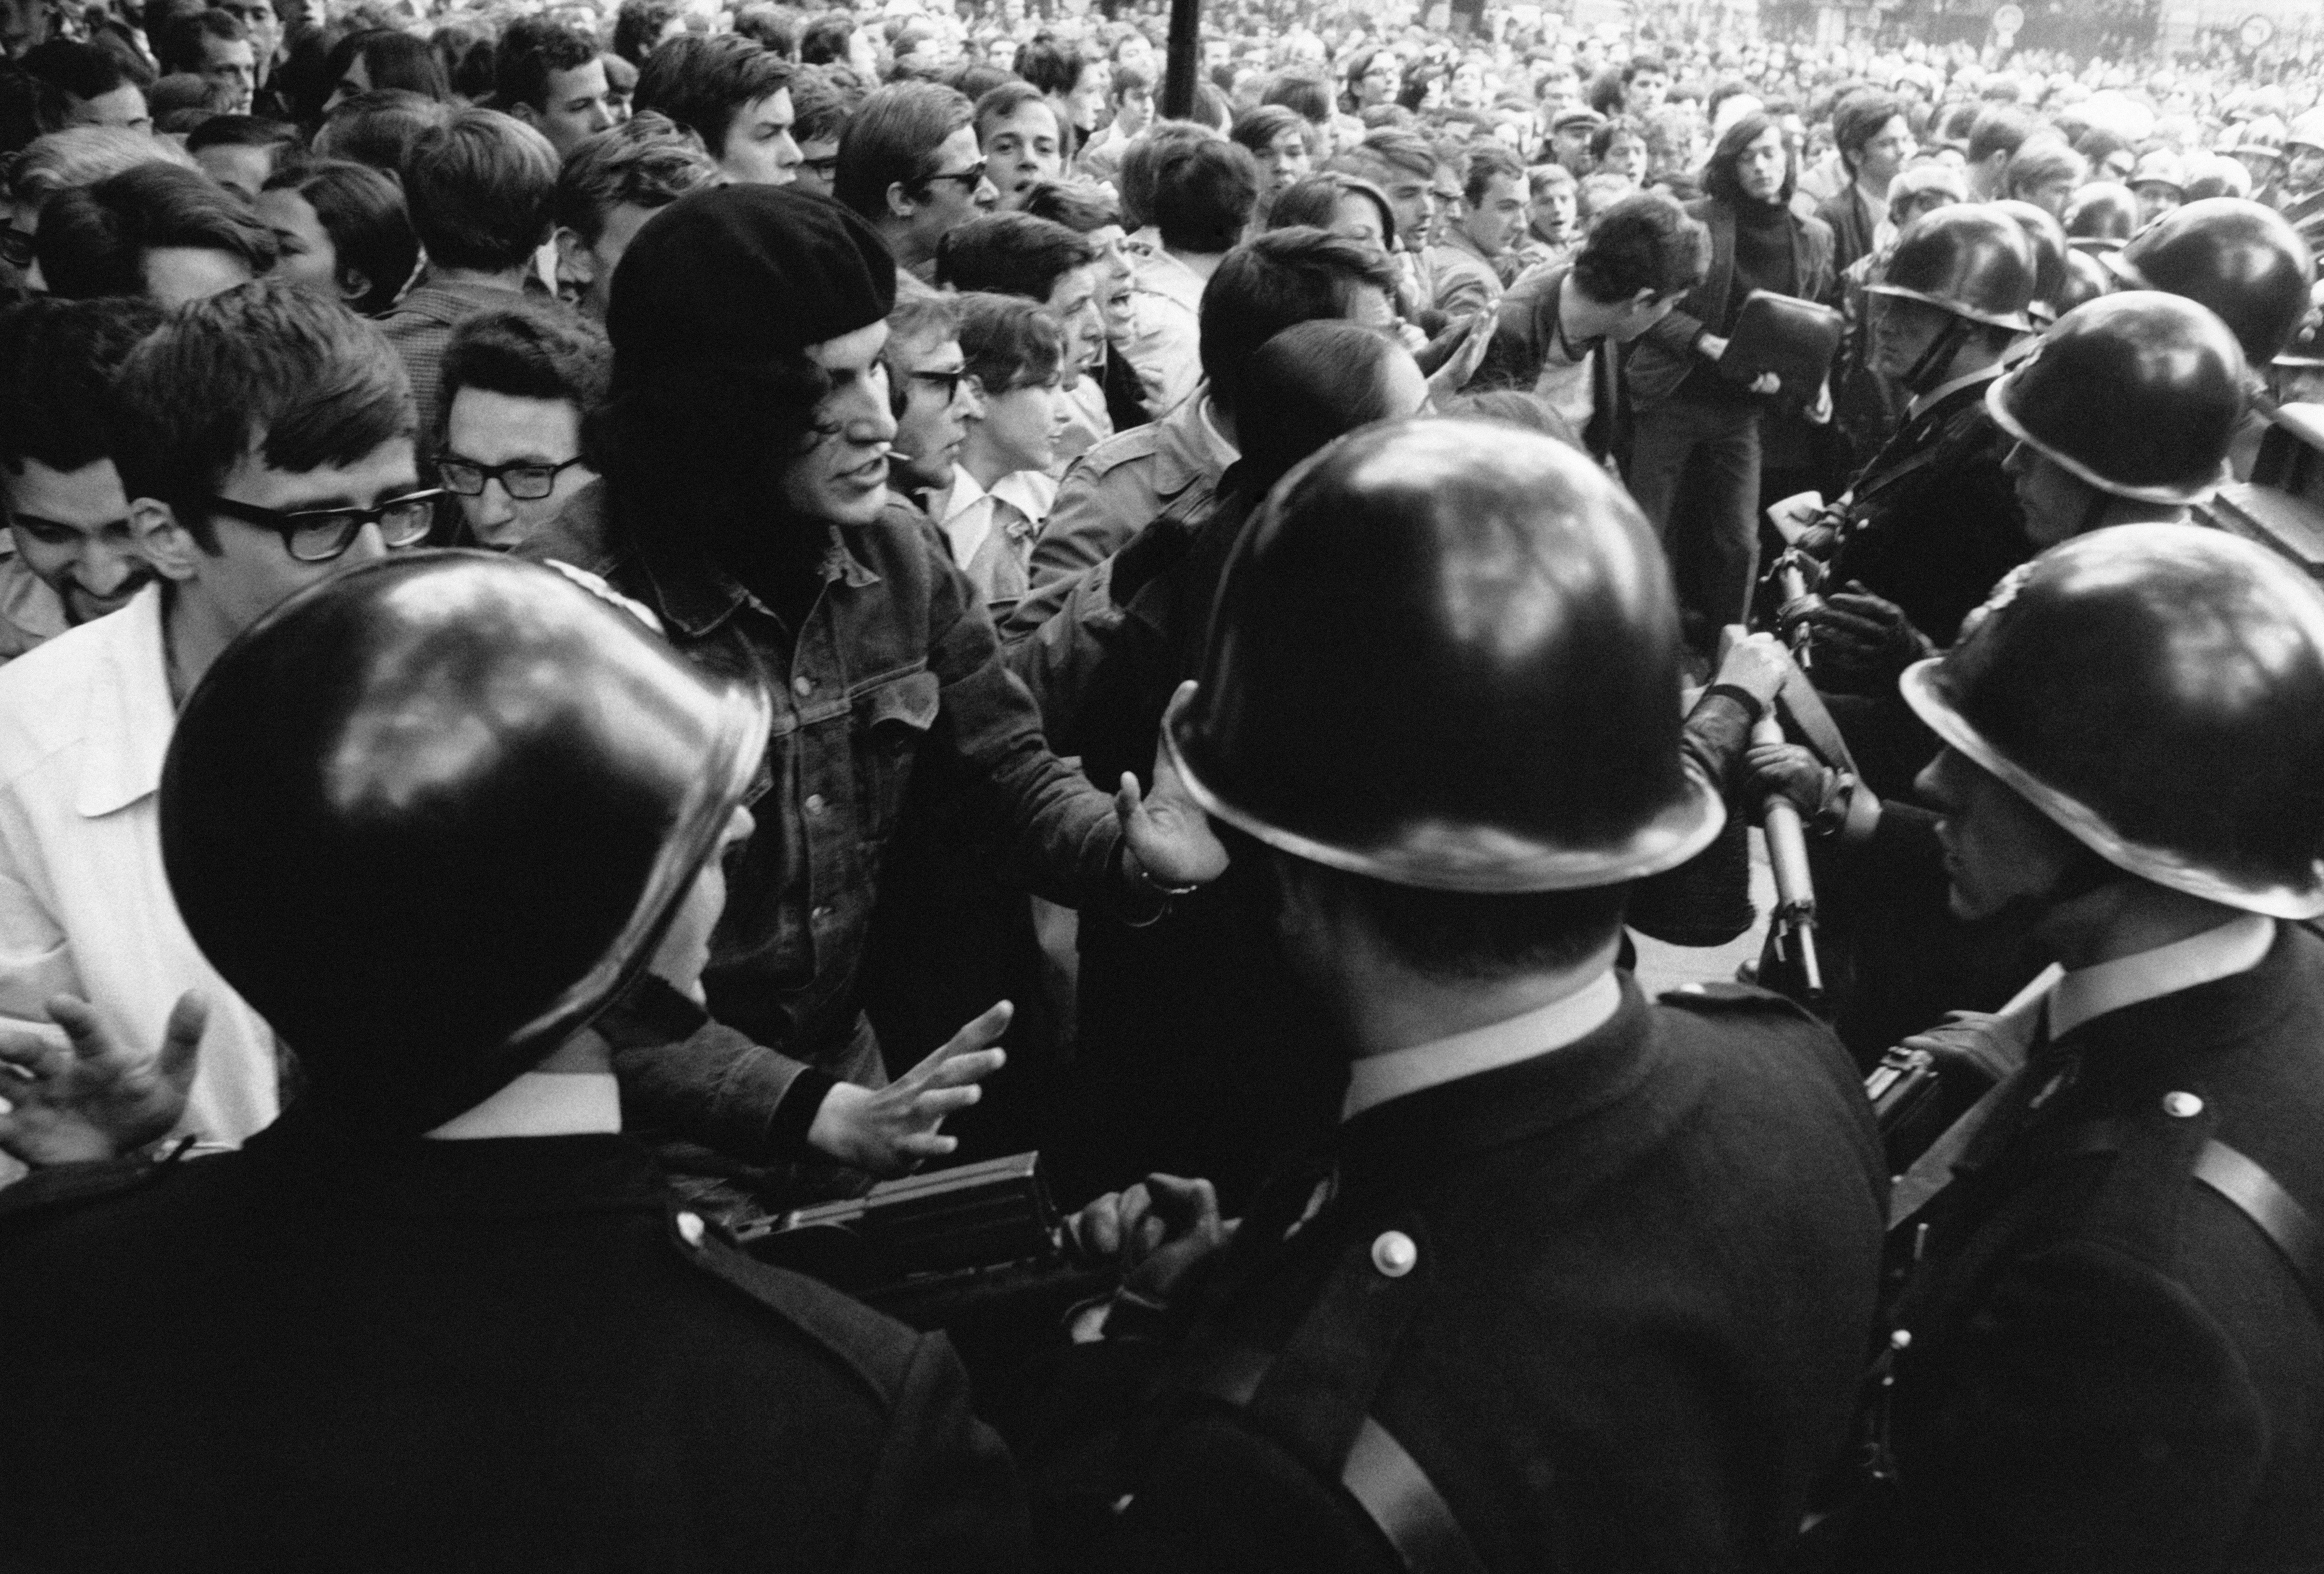 Ο Μάης του '68 όπως τον έζησε ο Ροβήρος